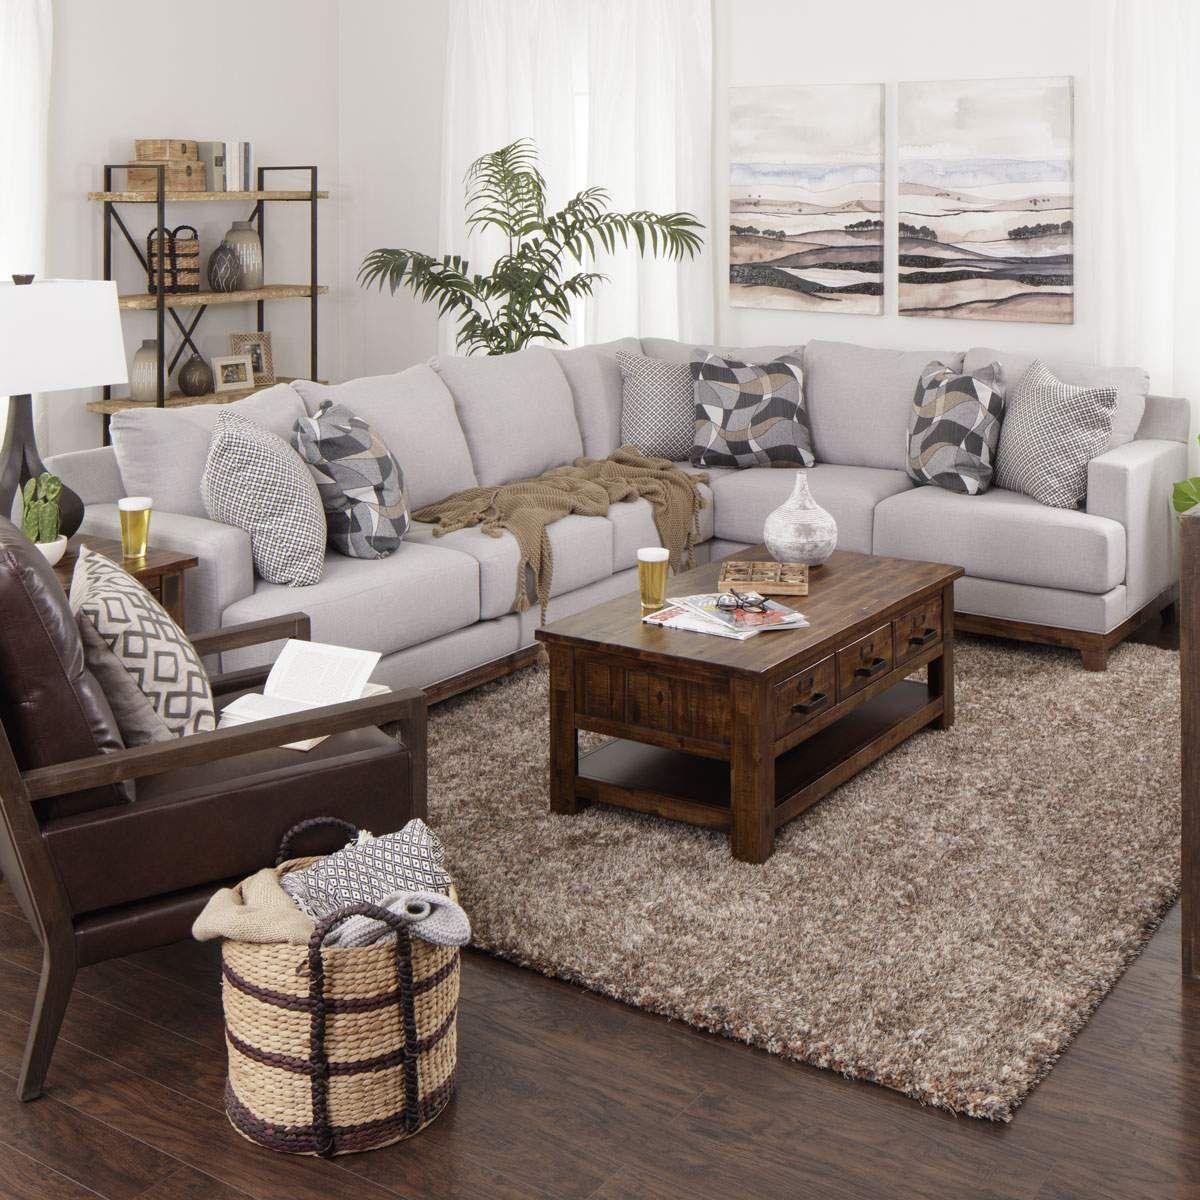 Wren Laf Sofa Tux Raf Sofa In Grey Jerome S Furniture Dream